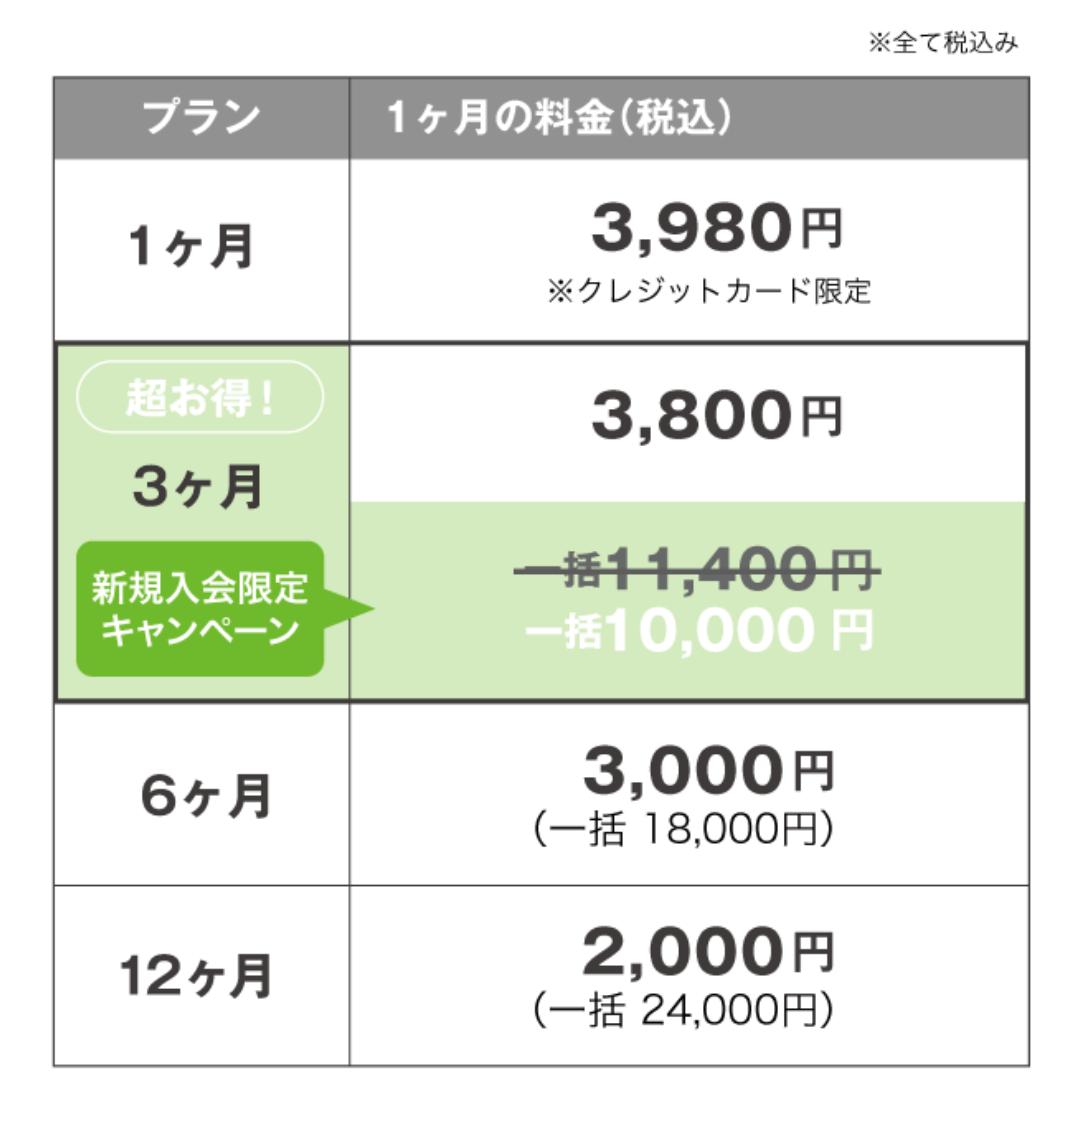 ラブサーチ料金プラン表